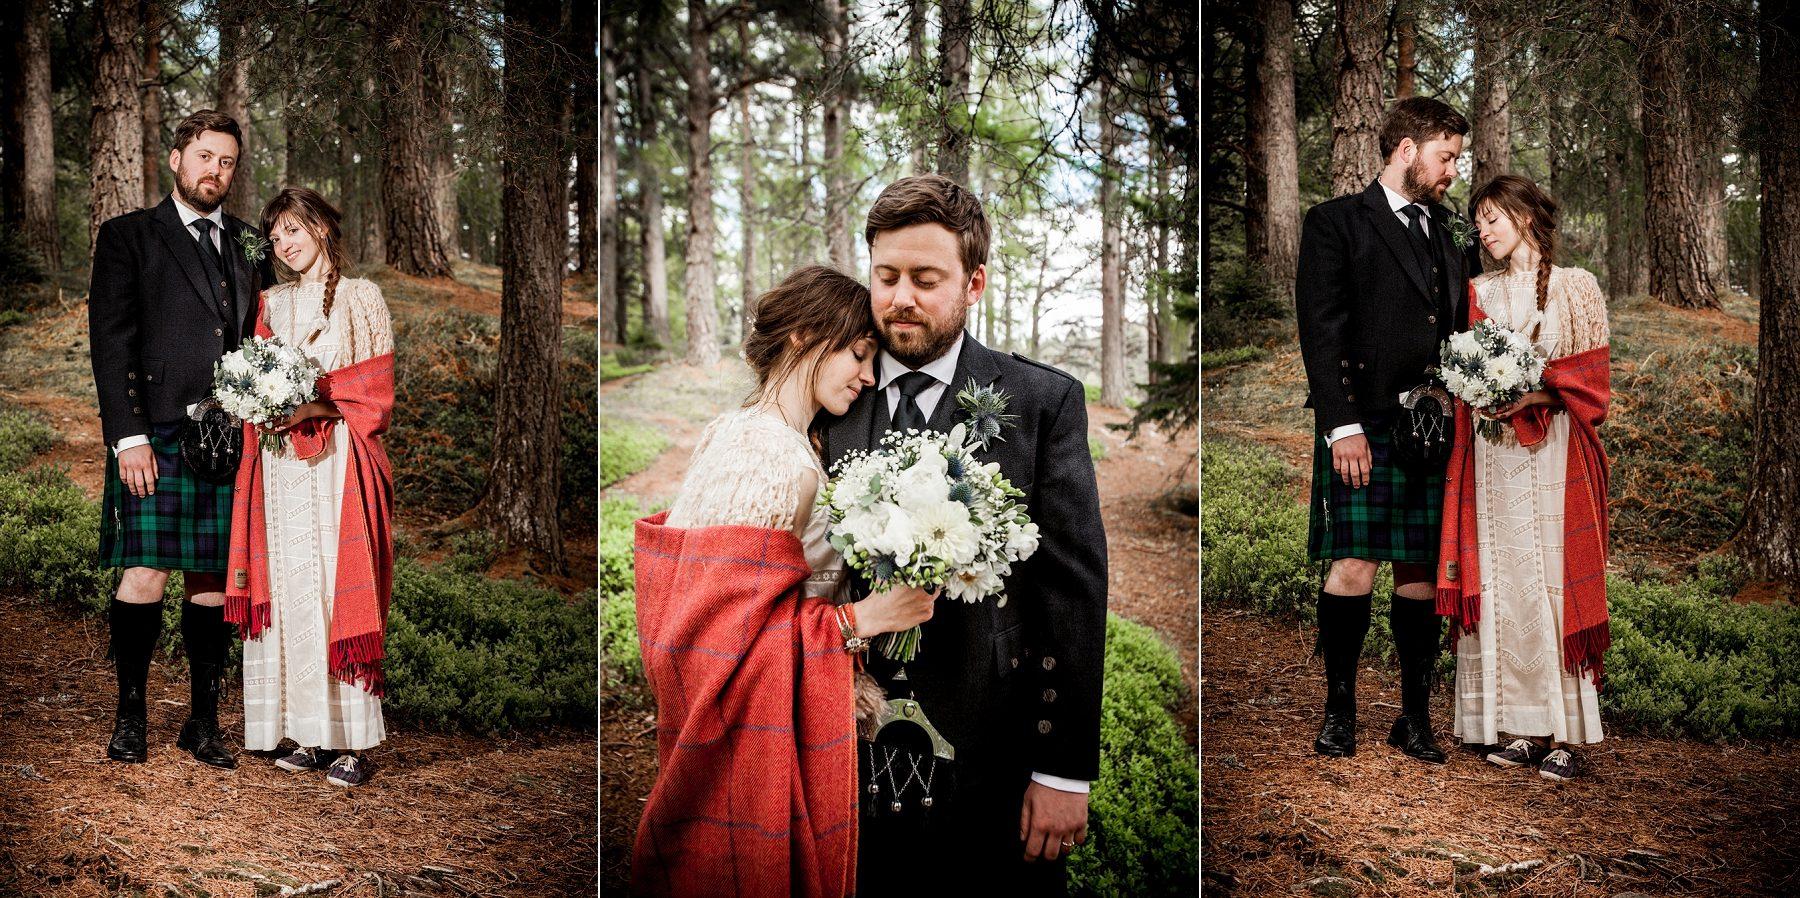 ,skot eskuvo,,esküvői szokások,esküvői tradíciók,tradicionális esküvő,esküvői kultúra,esküvői hagyományok,esküvői hagyomány,esküvő,esküvői viseletkultúra,